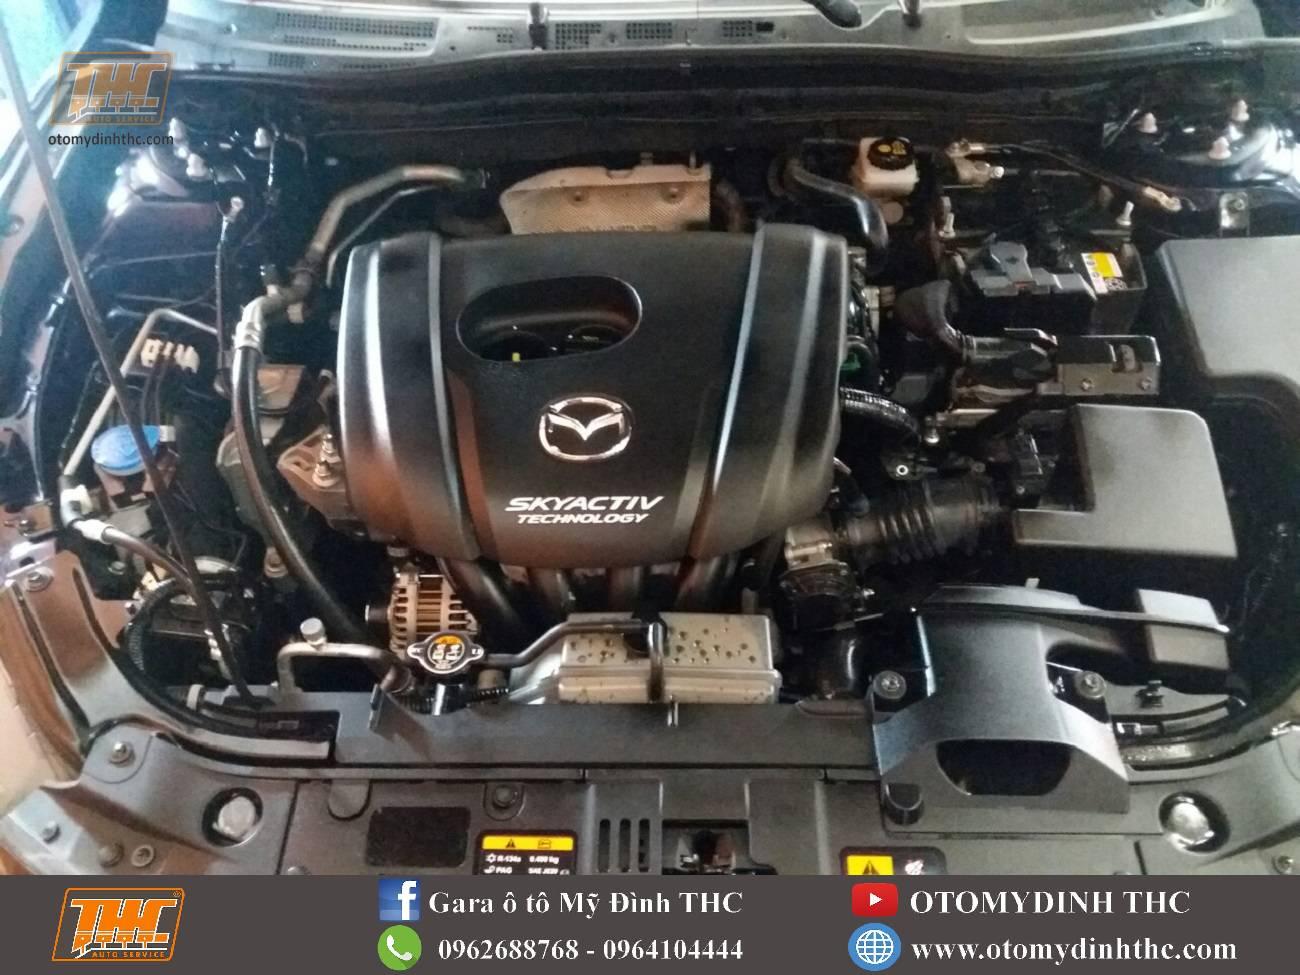 Vệ sinh khoang máy xe Mazda 3 tại Trung Tâm Kỹ Thuật Ô Tô Mỹ Đình THC